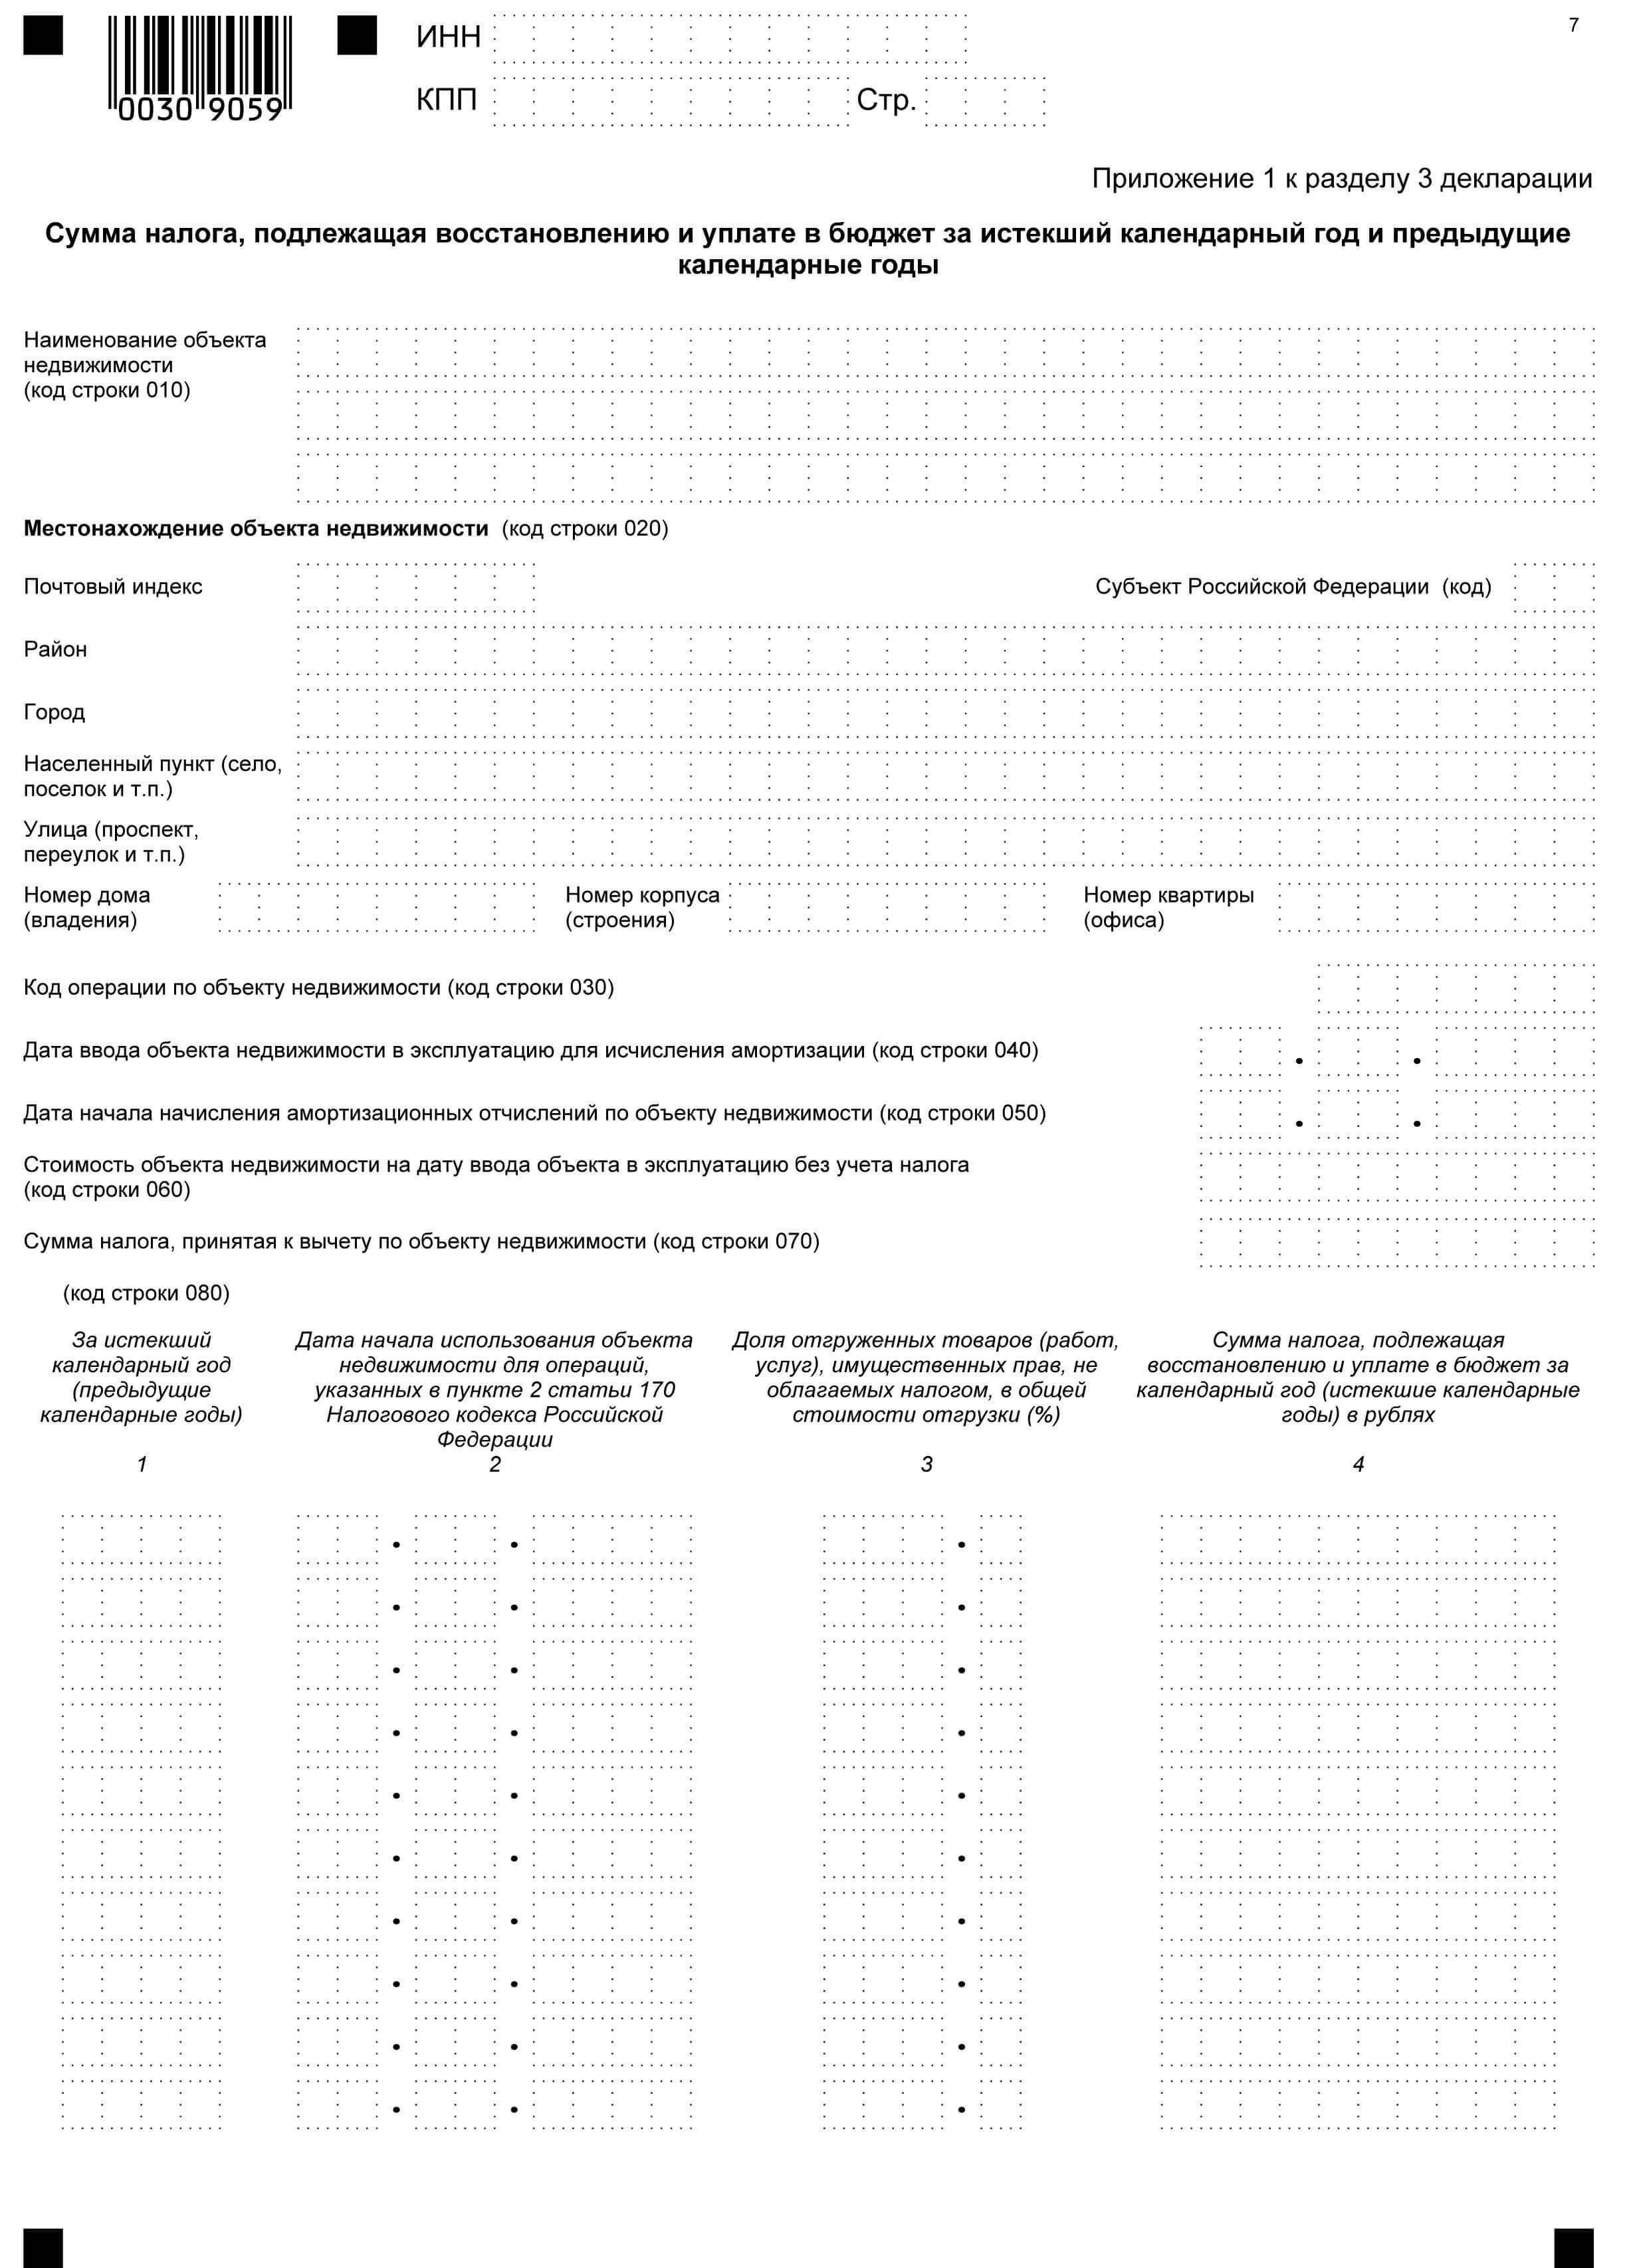 приложение 5 к декларации ндс бланк по украине